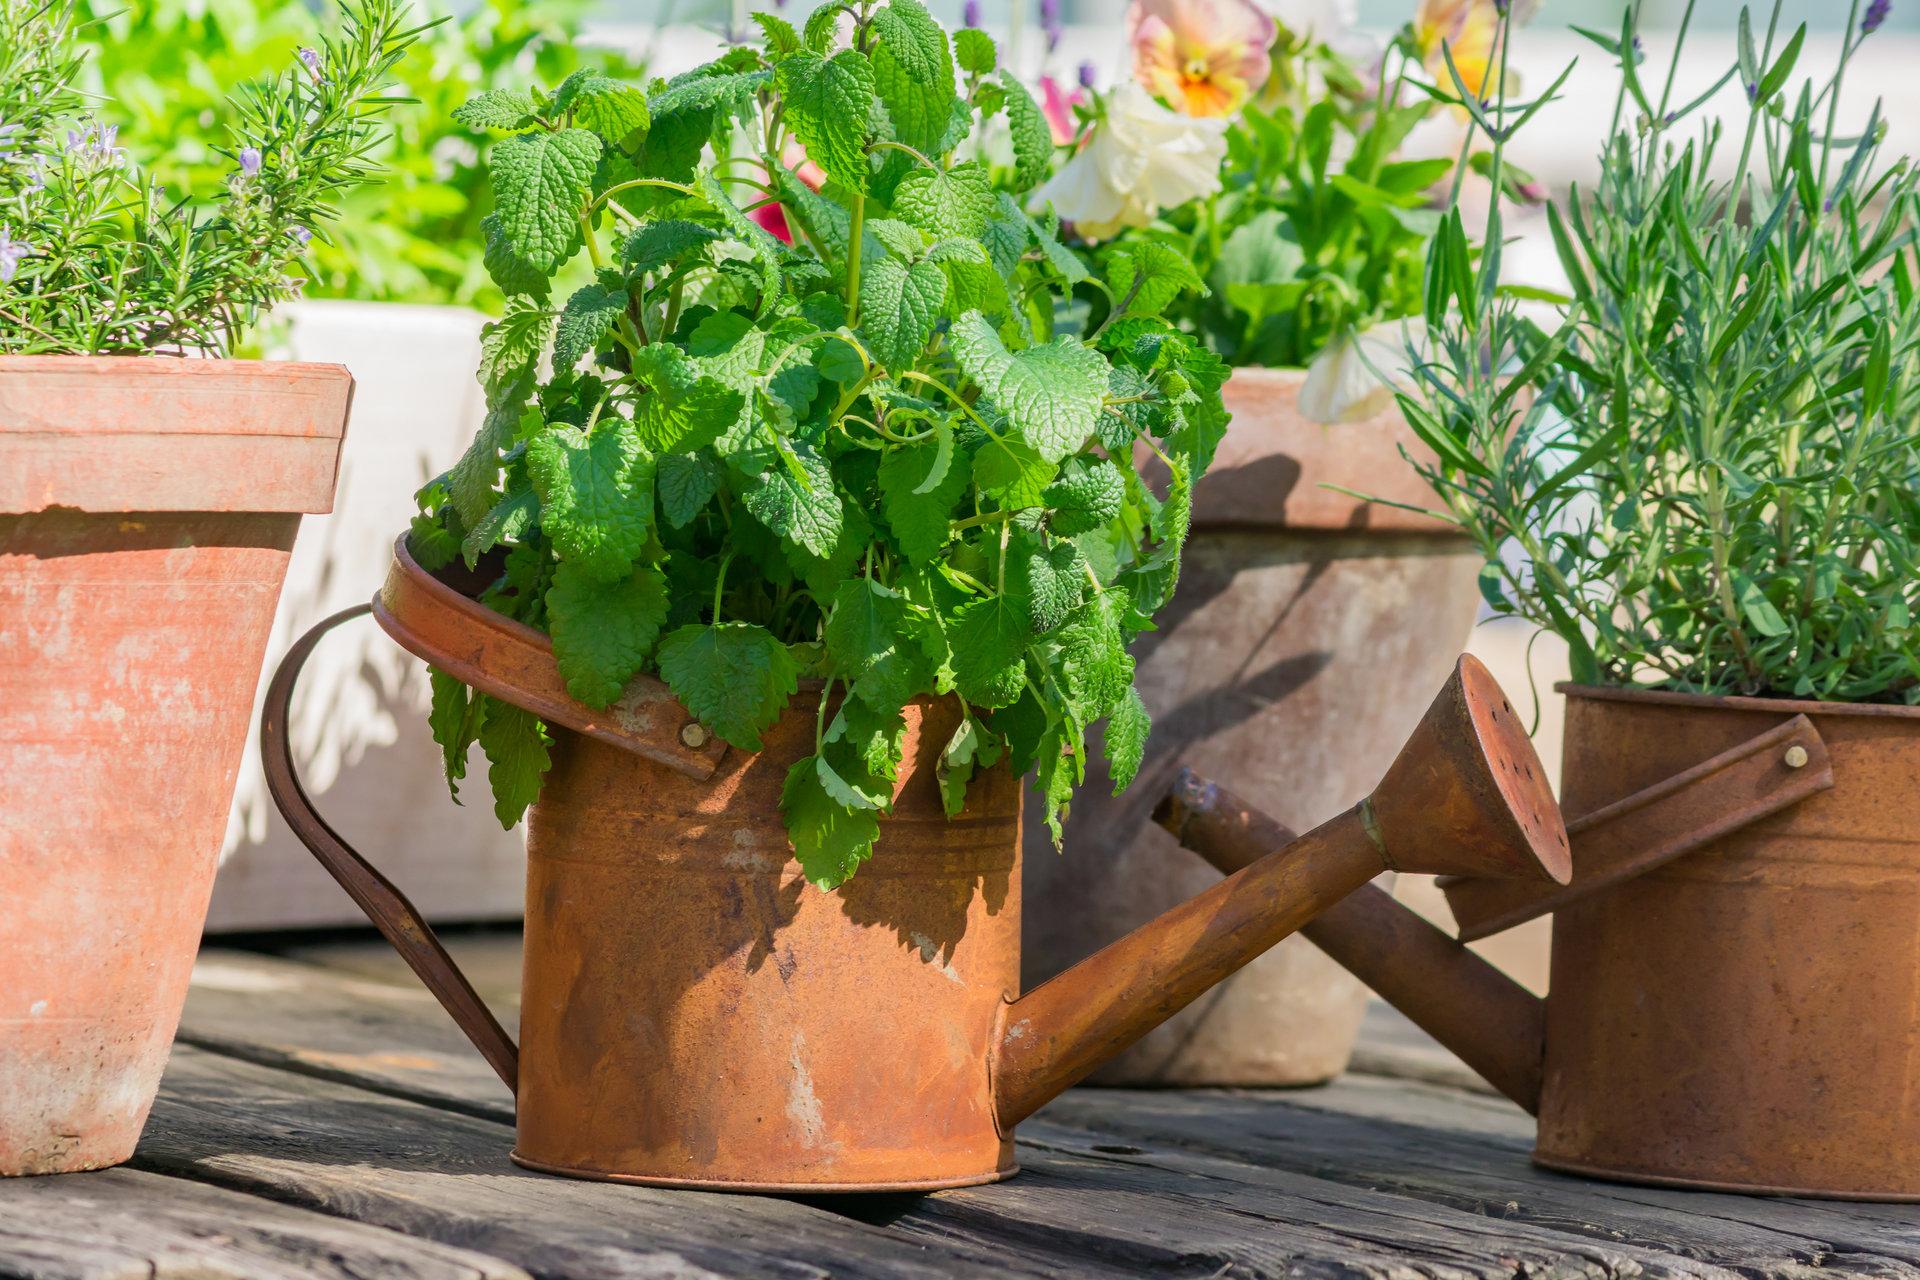 Domowy zielnik – sposób na świeże zioła i wyprawę do Włoch